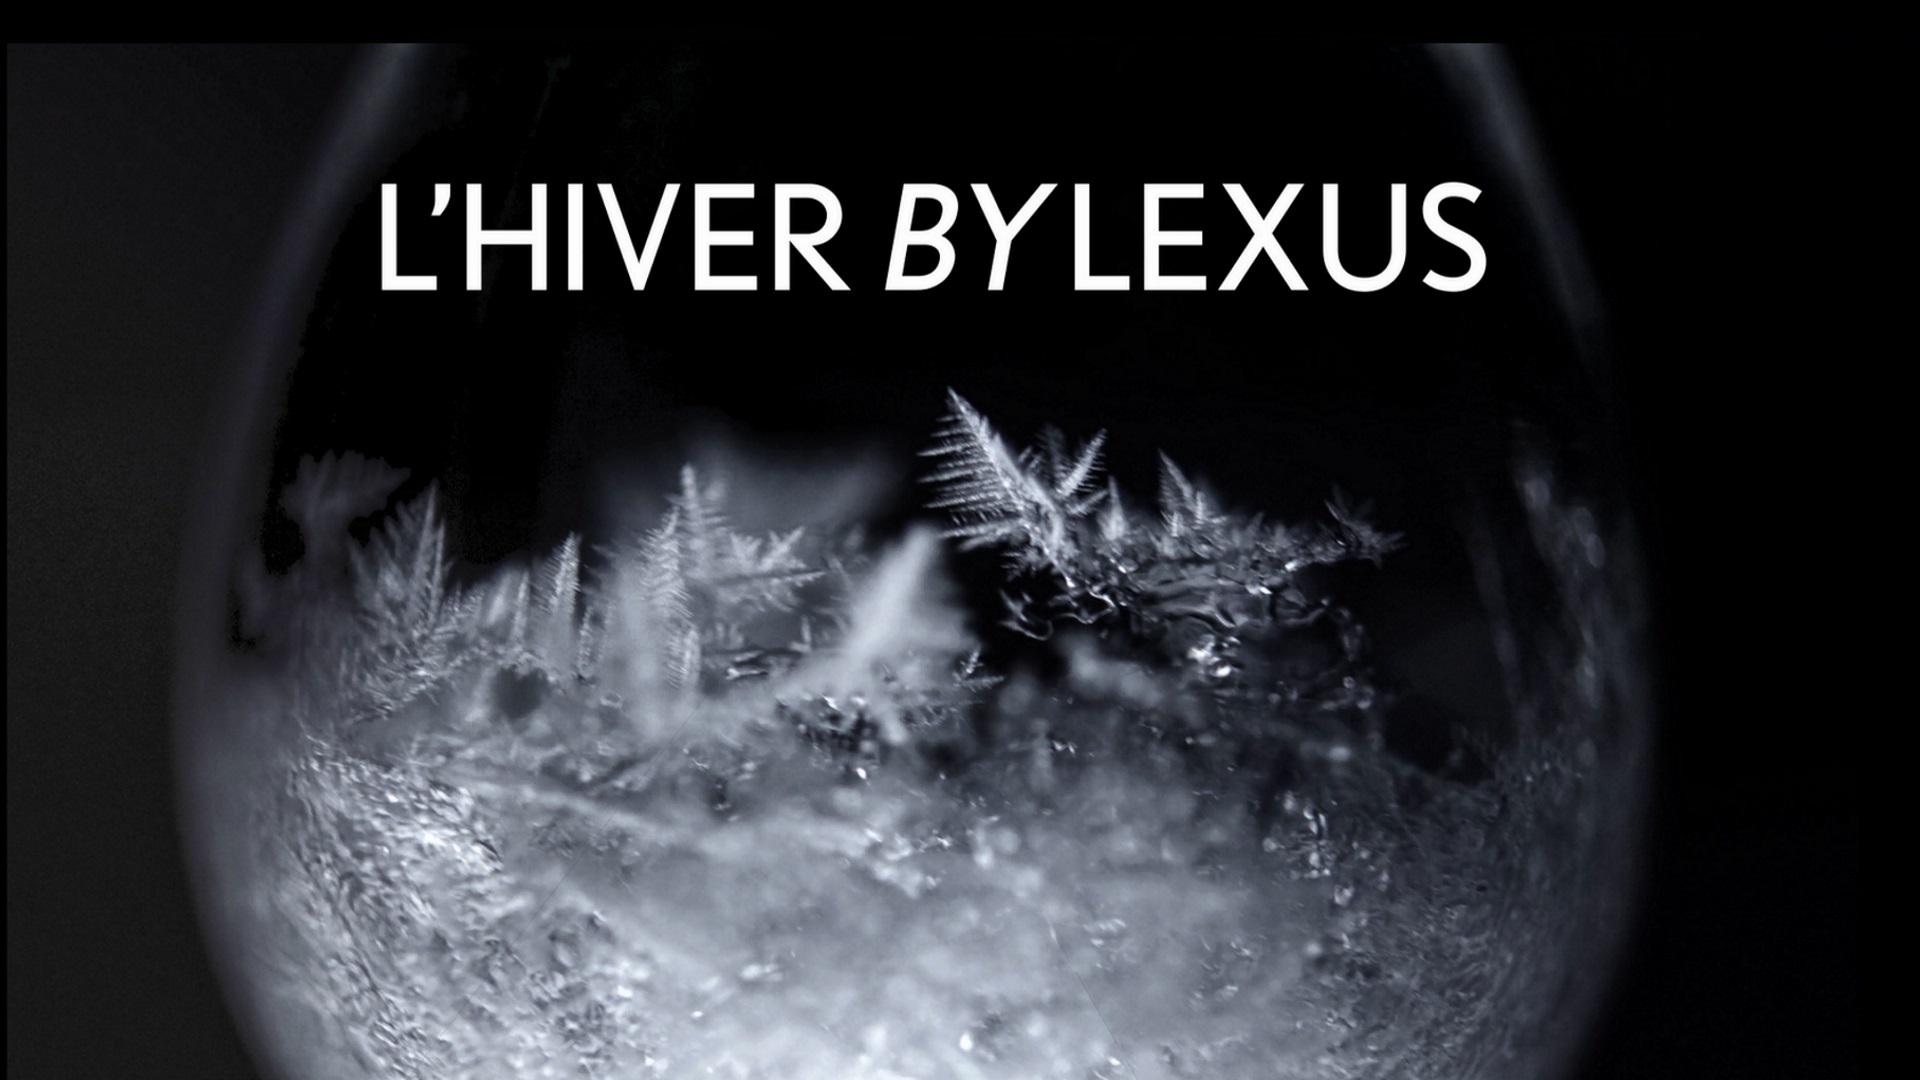 2017 lexus winter accessories video is